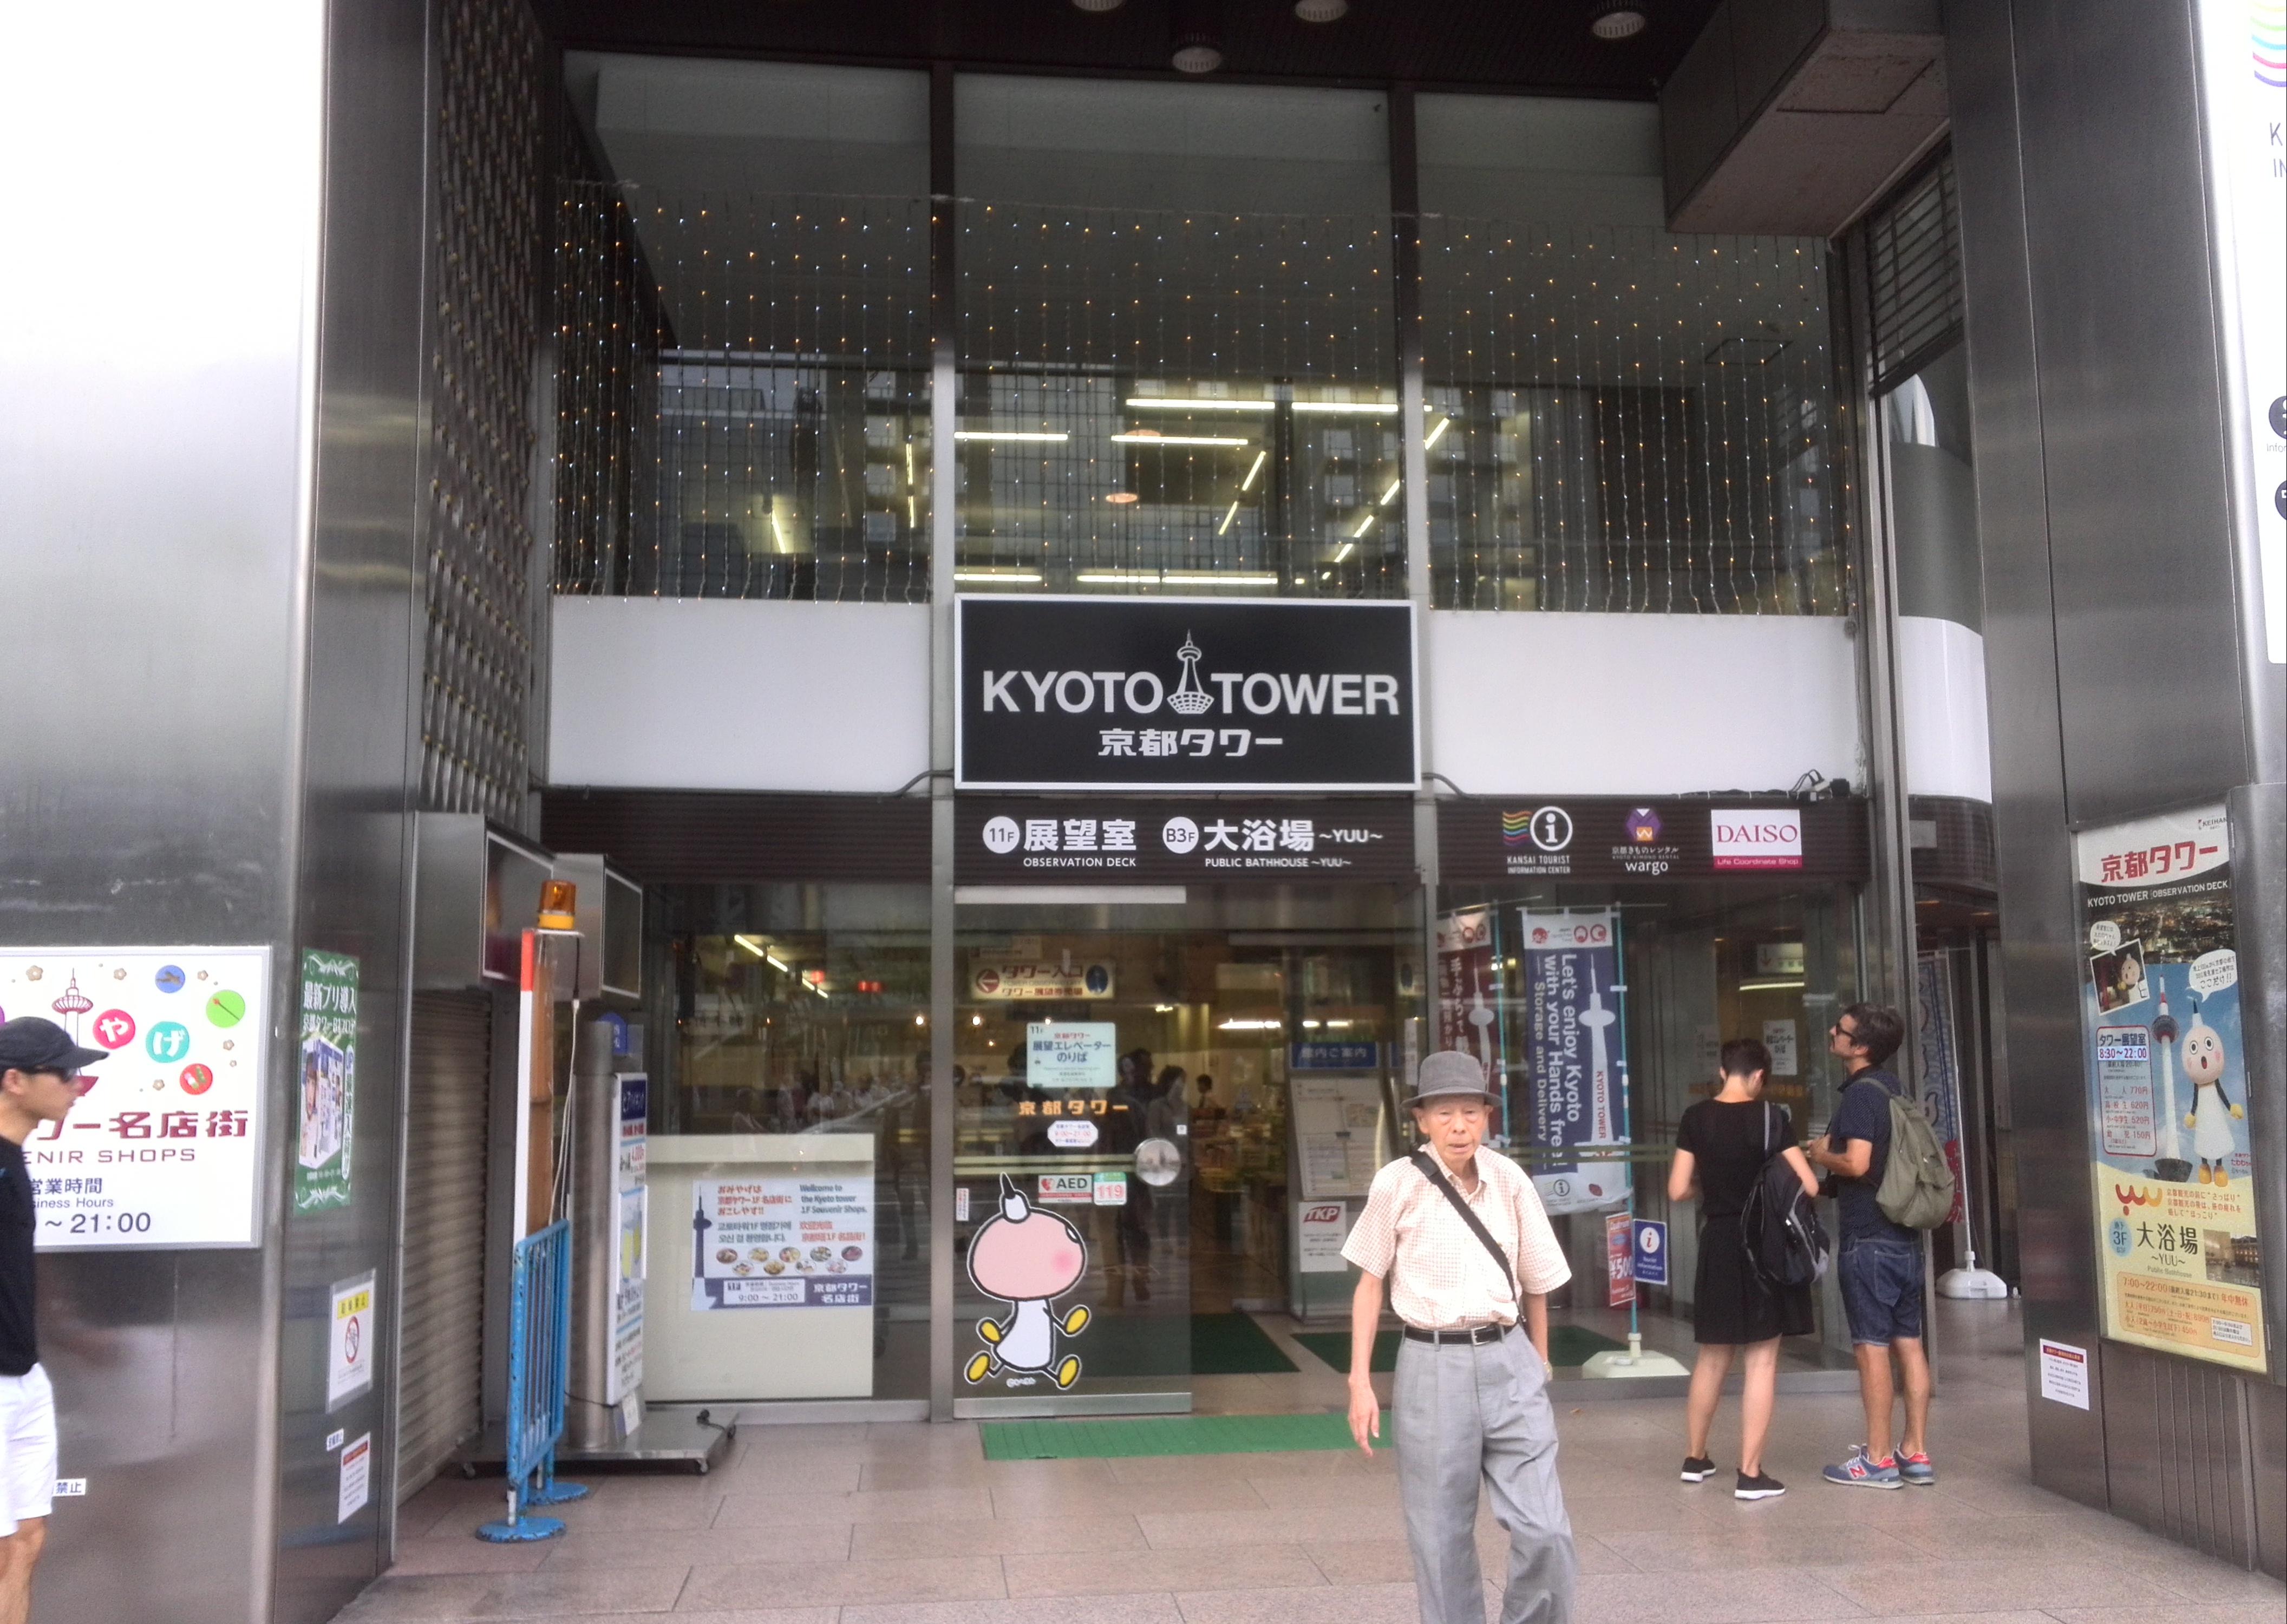 京都タワーの入り口